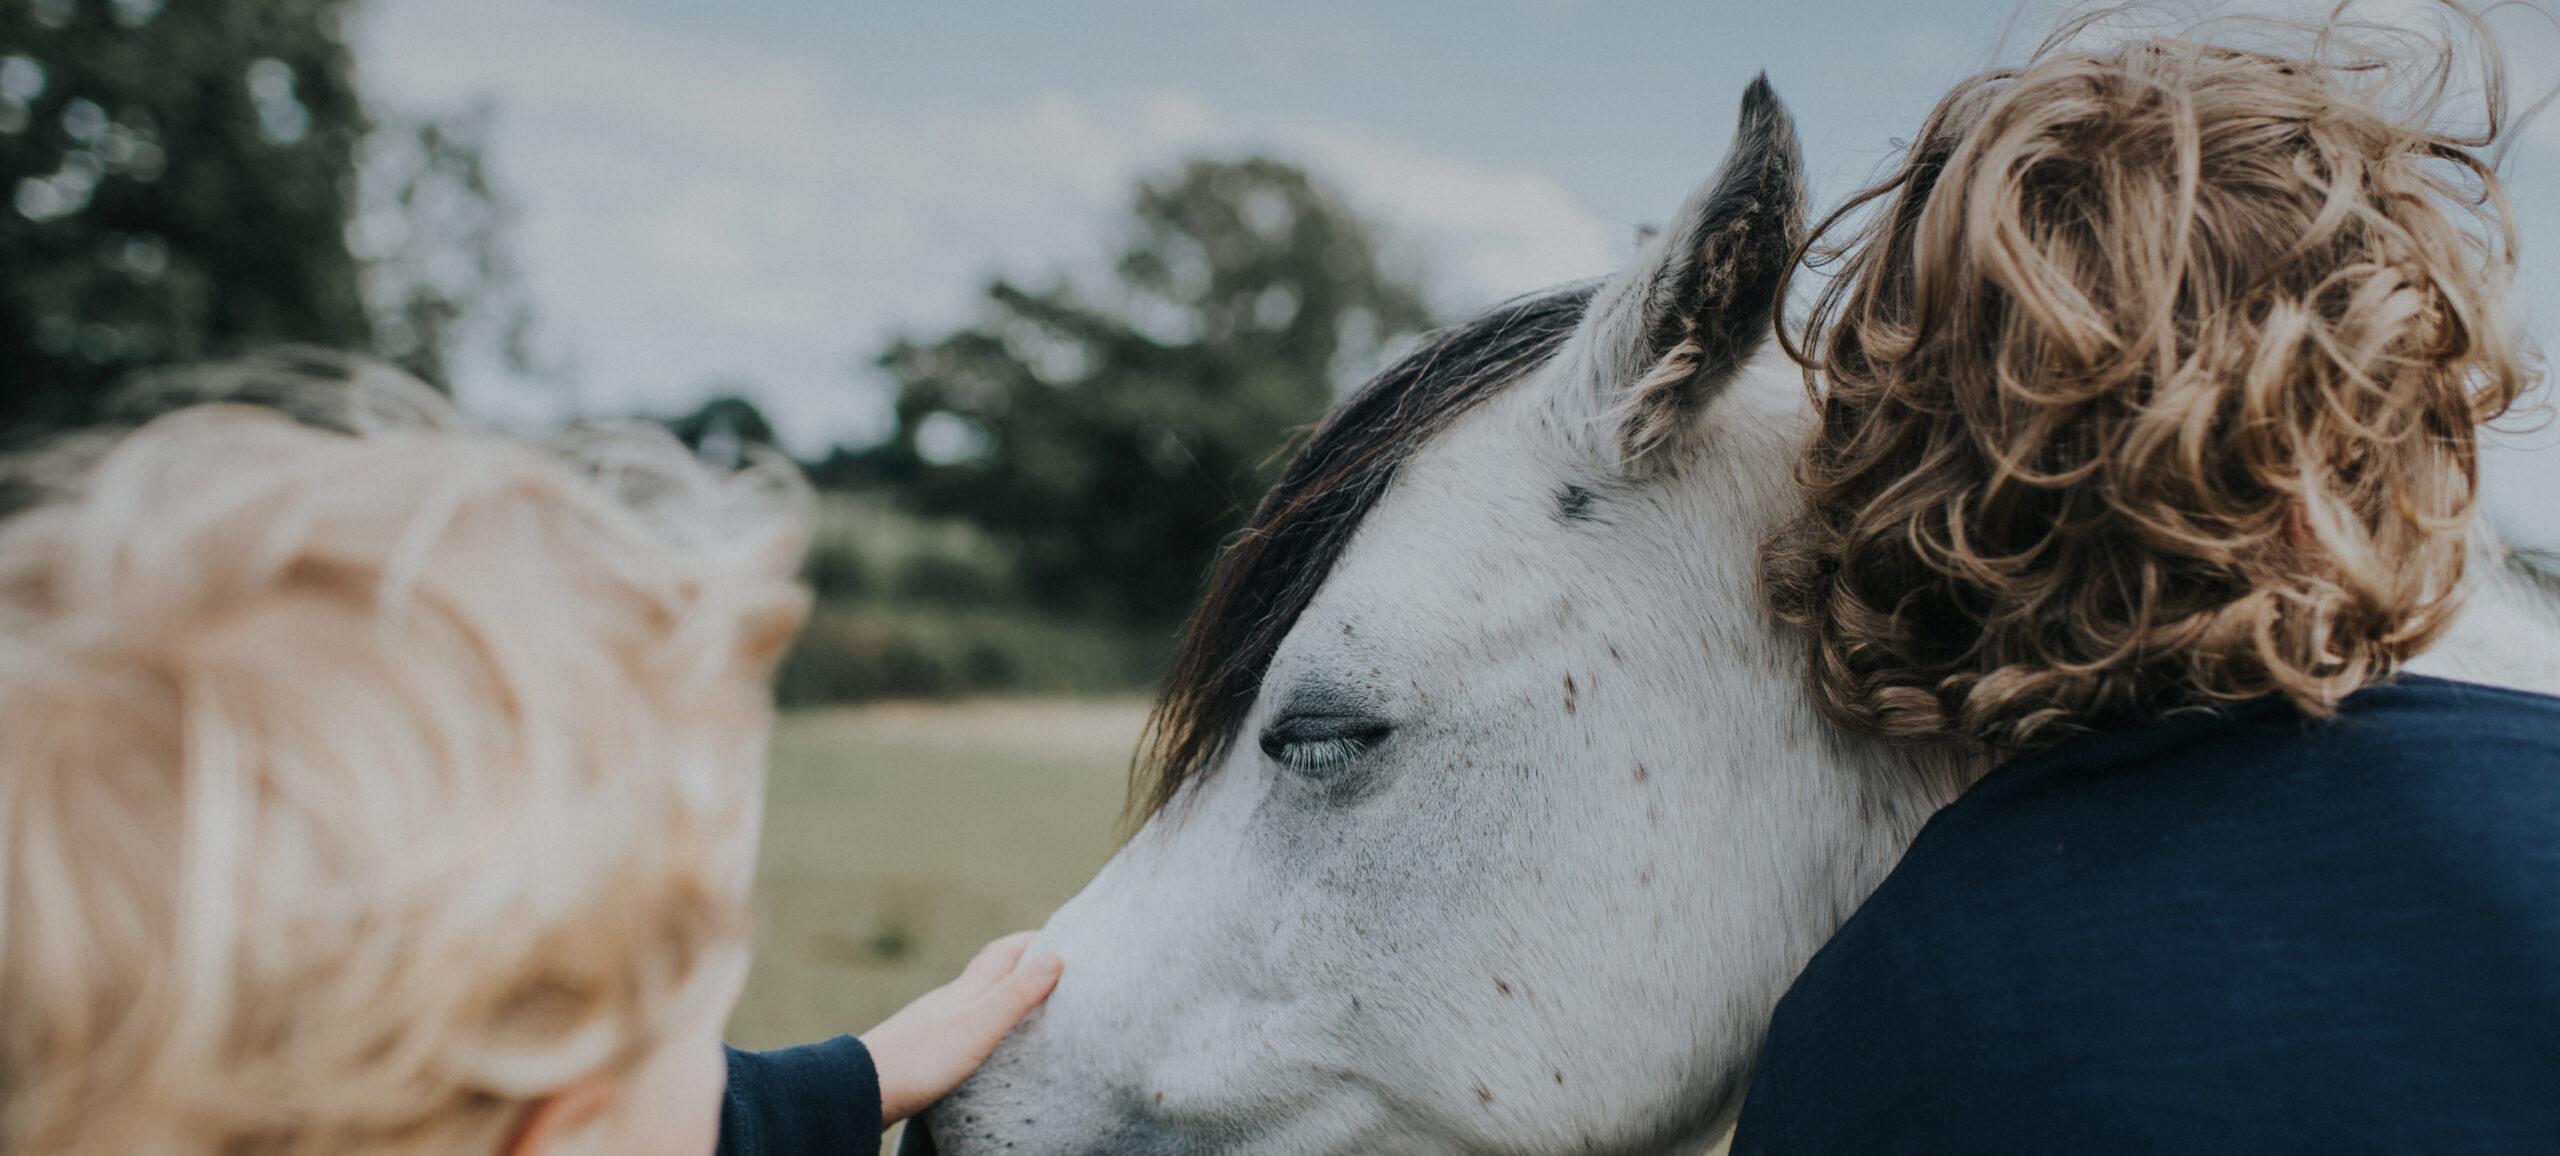 Kind streichelt Pferd und zweite Person schmiegt sich an Pferd